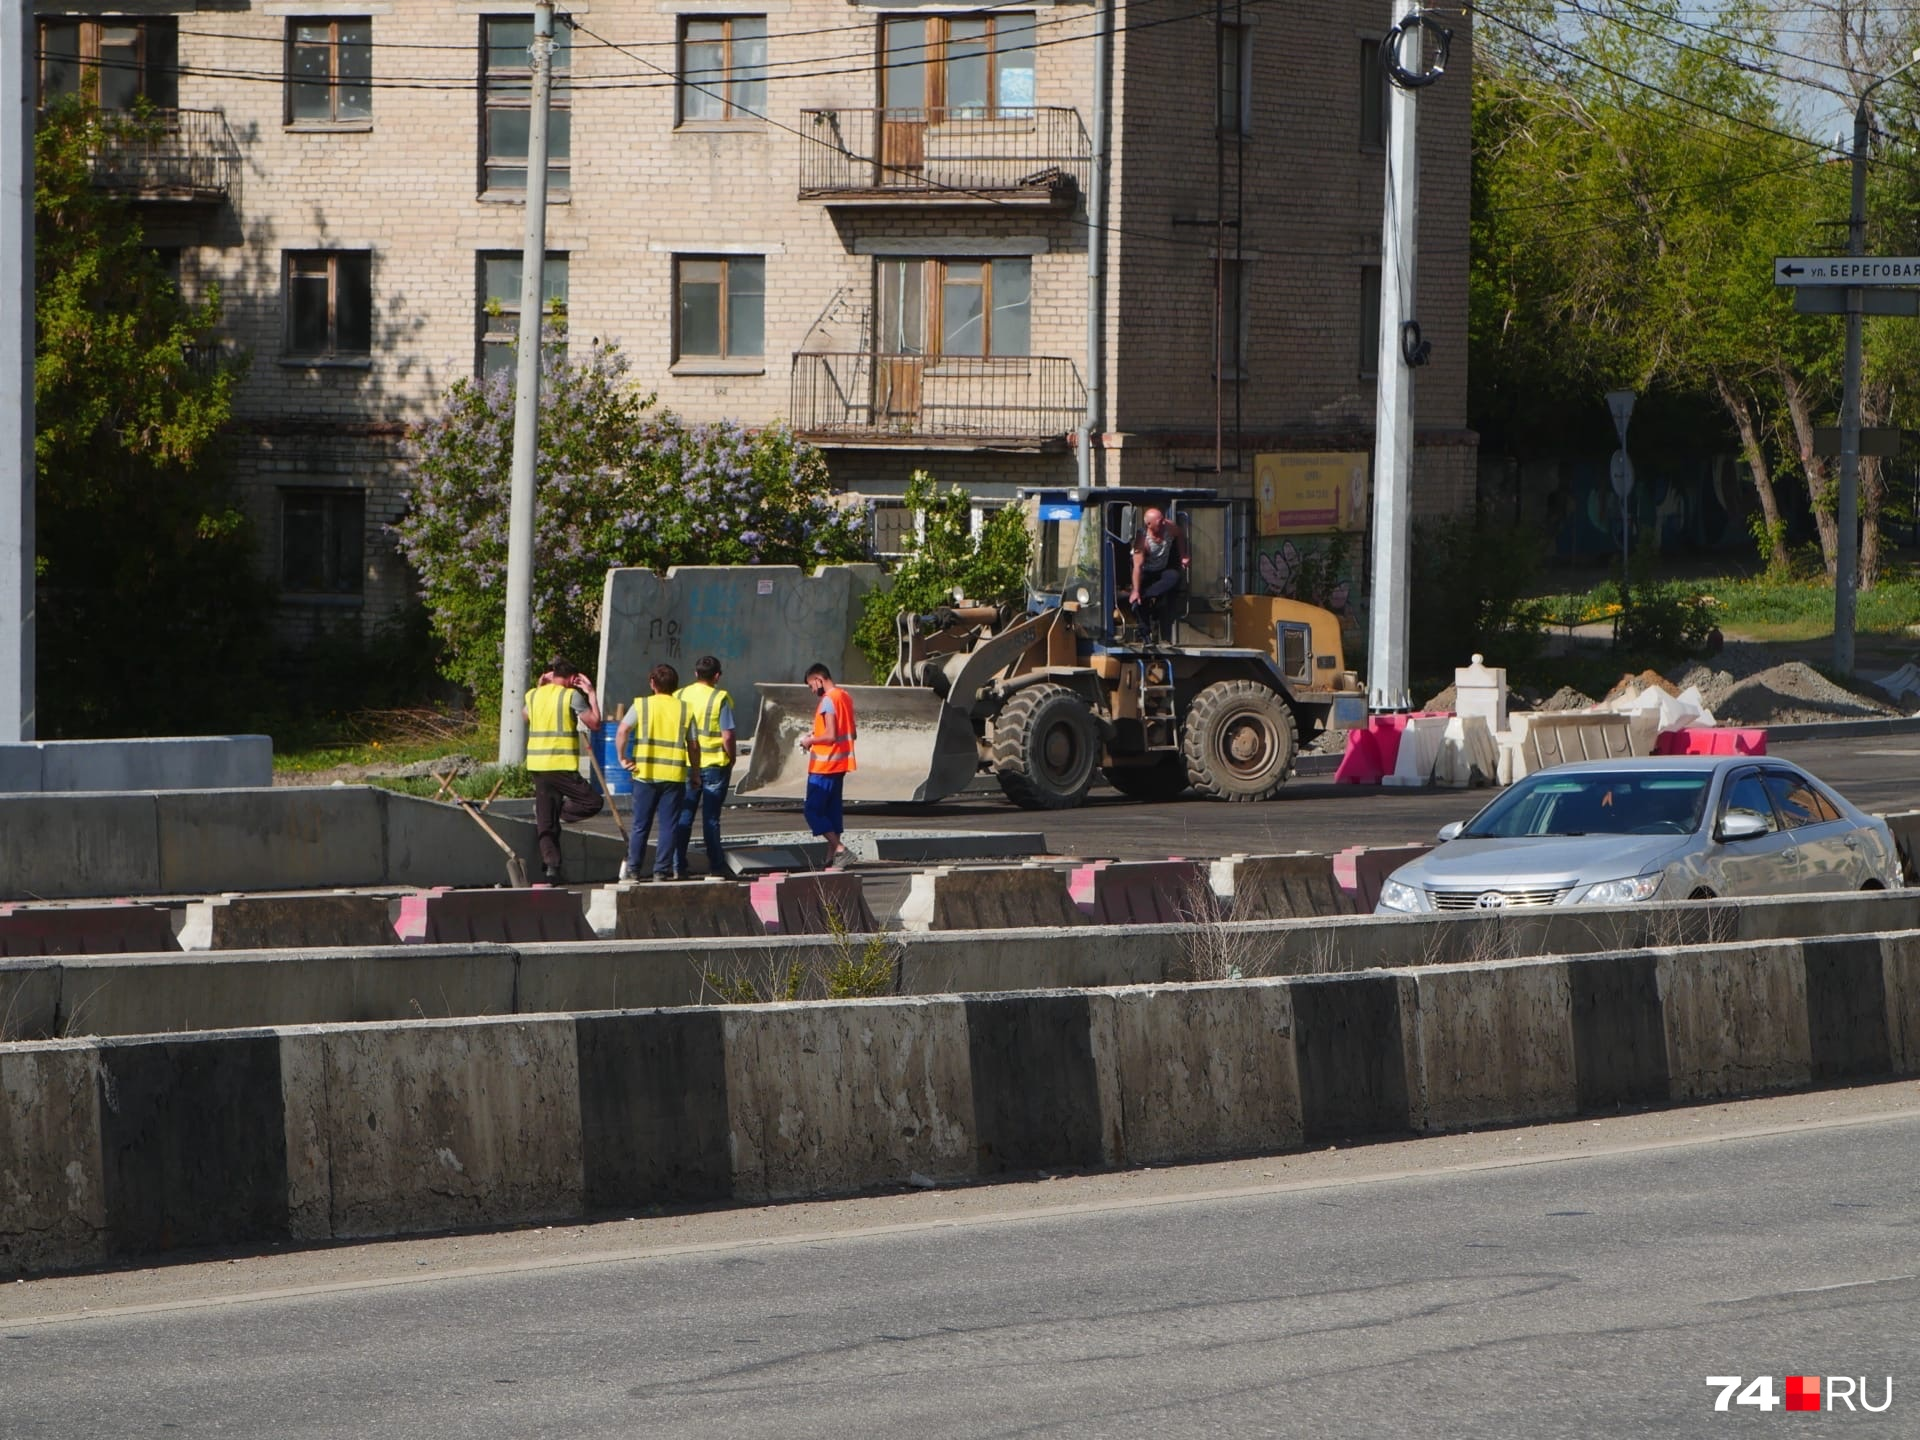 Дорогу перекрыли рабочие